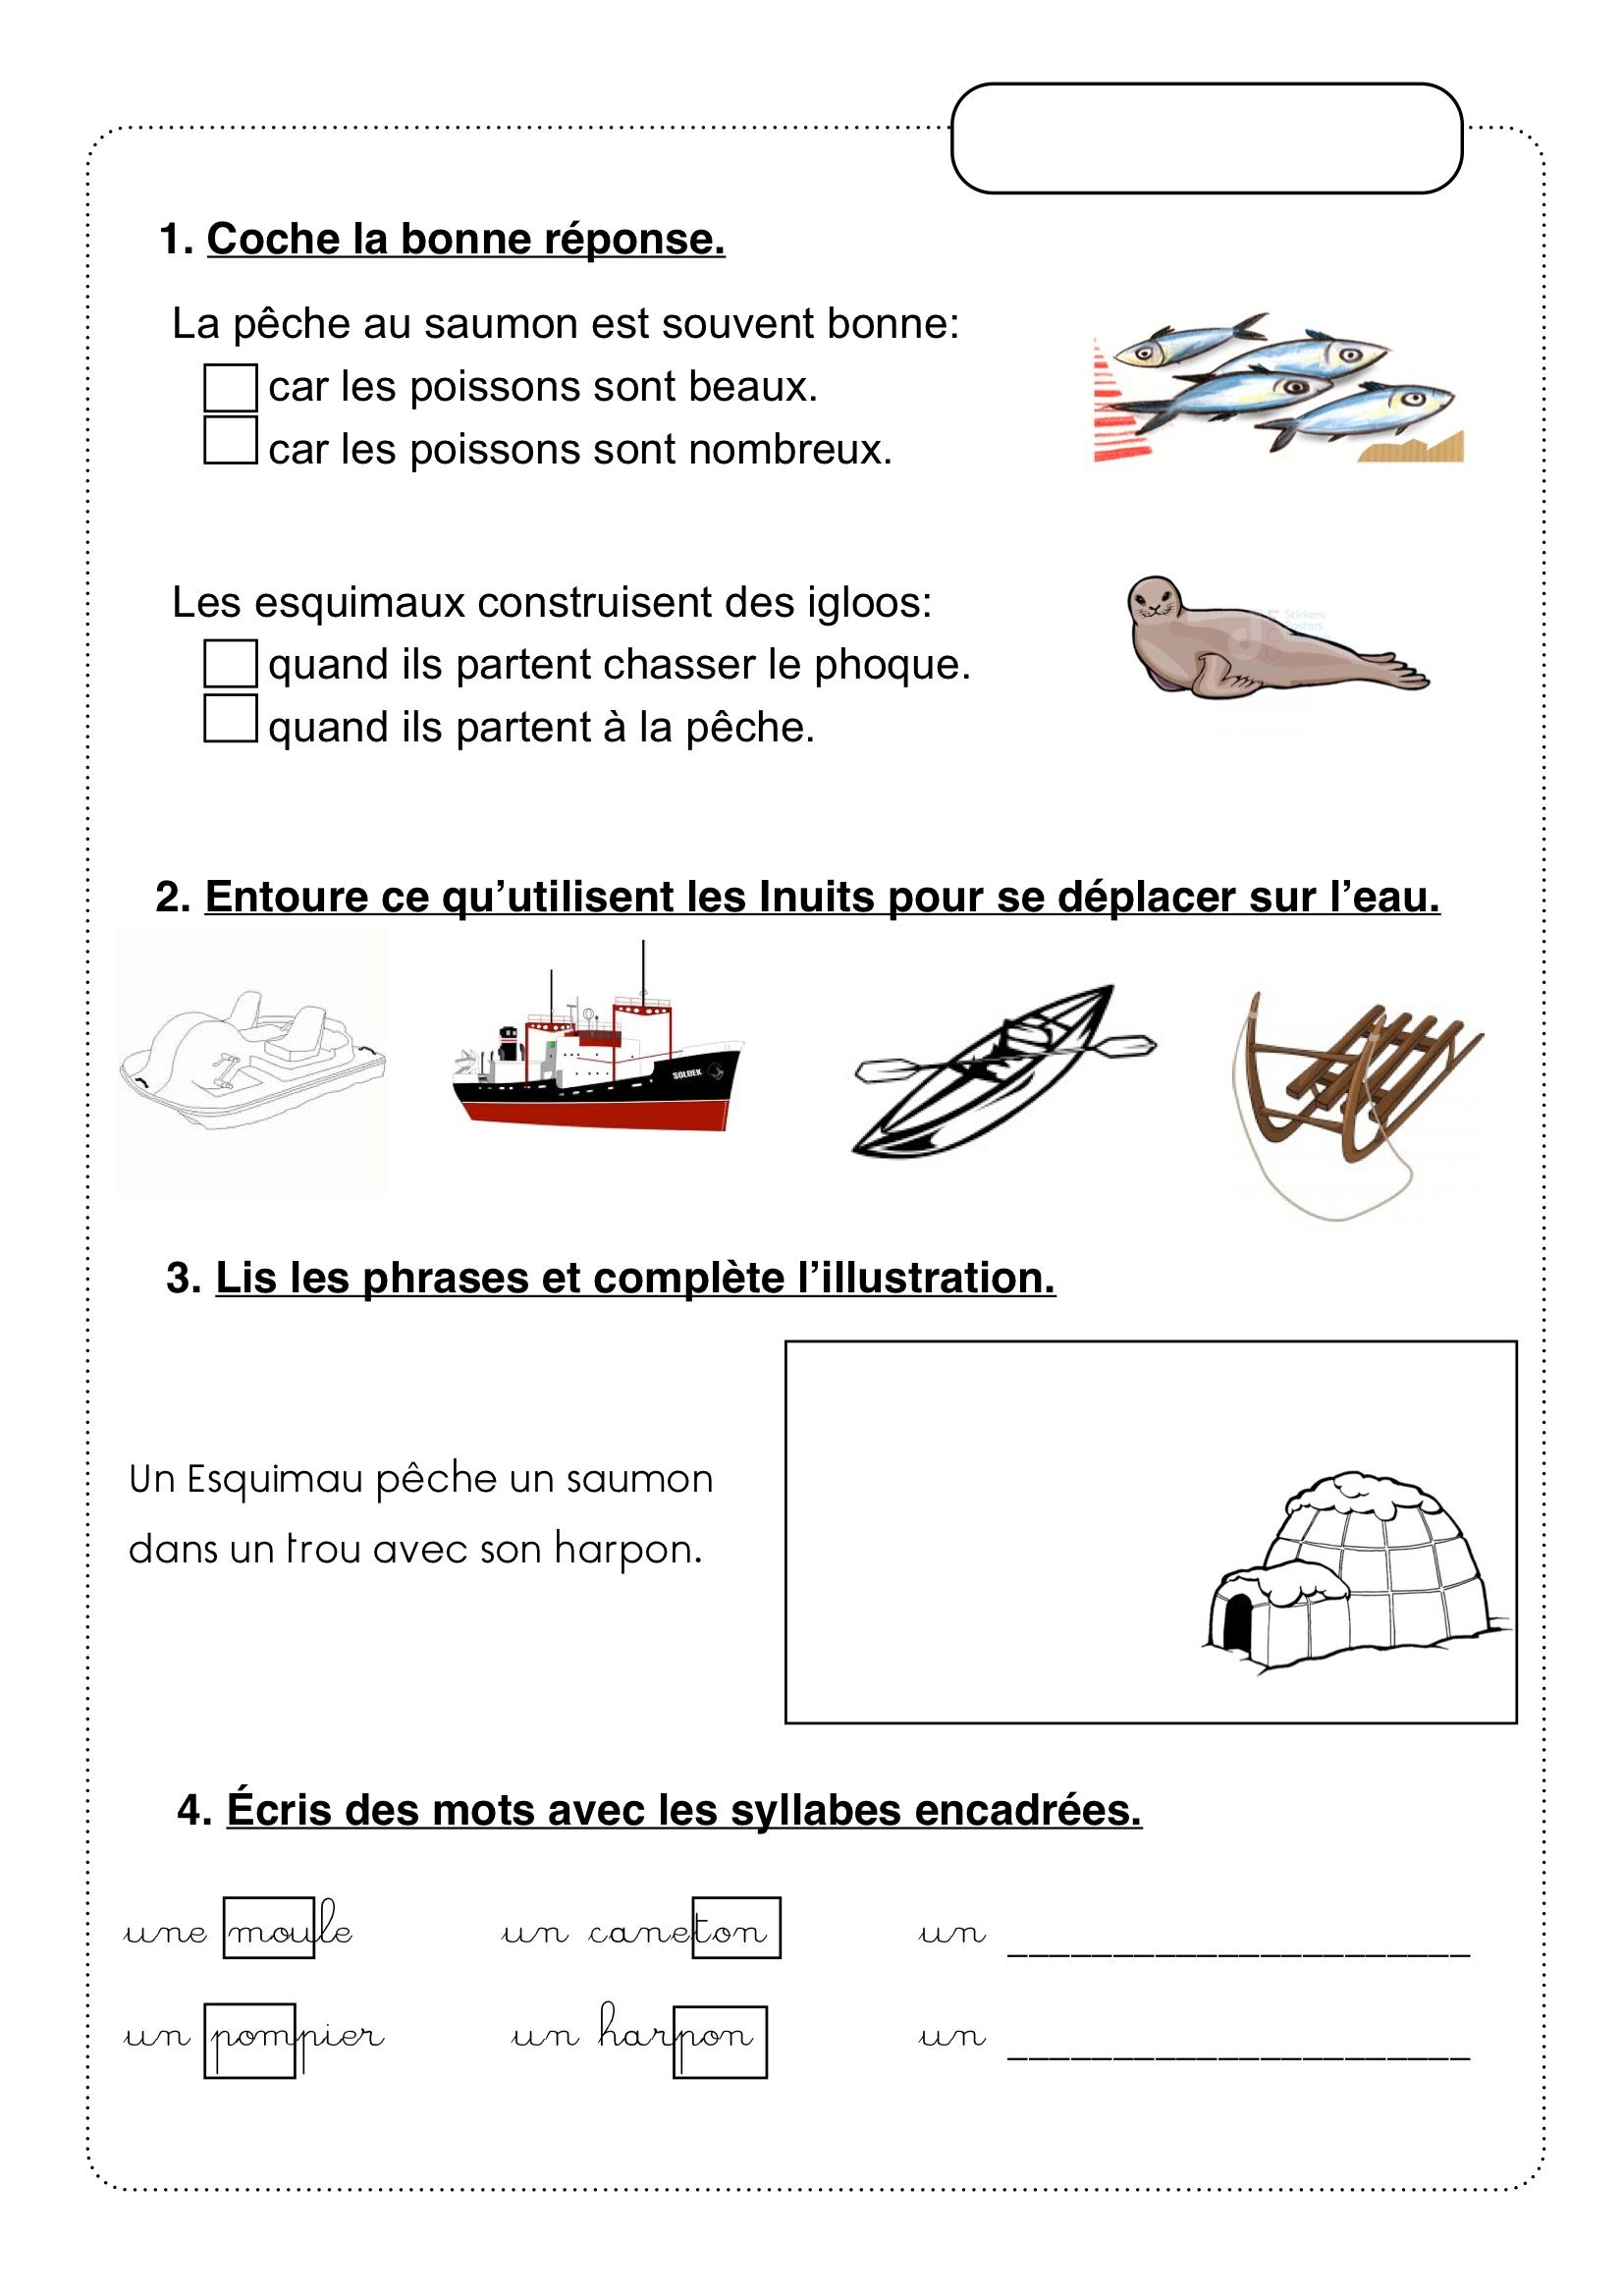 Croque ligne CP - Exercices compréhension unité 4. Abuk | Français 1 | Pinterest | French ...